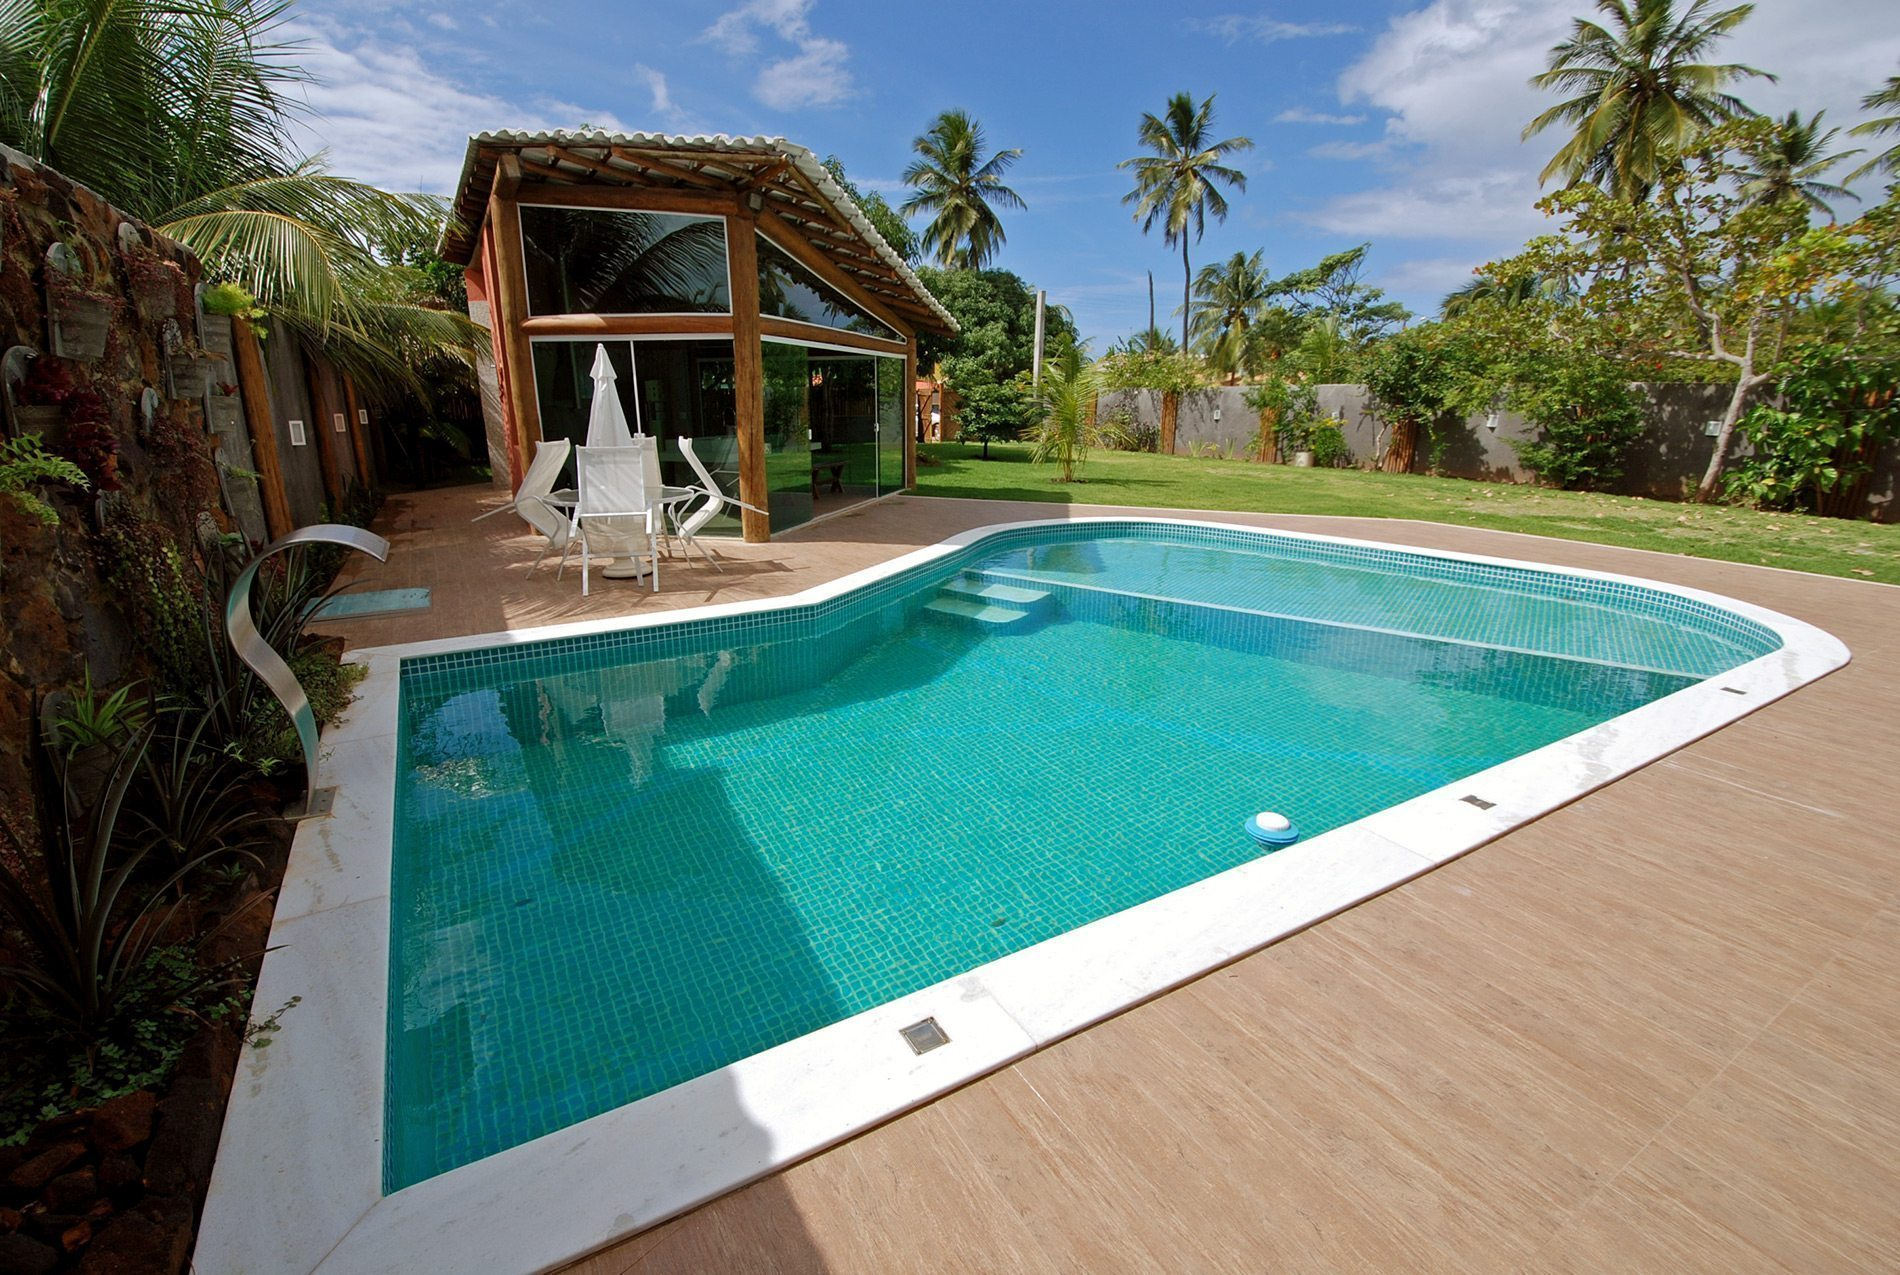 Casa in vendita vicino alla spiaggia itacimirim hansen for Casa con 6 camere da letto in vendita vicino a me